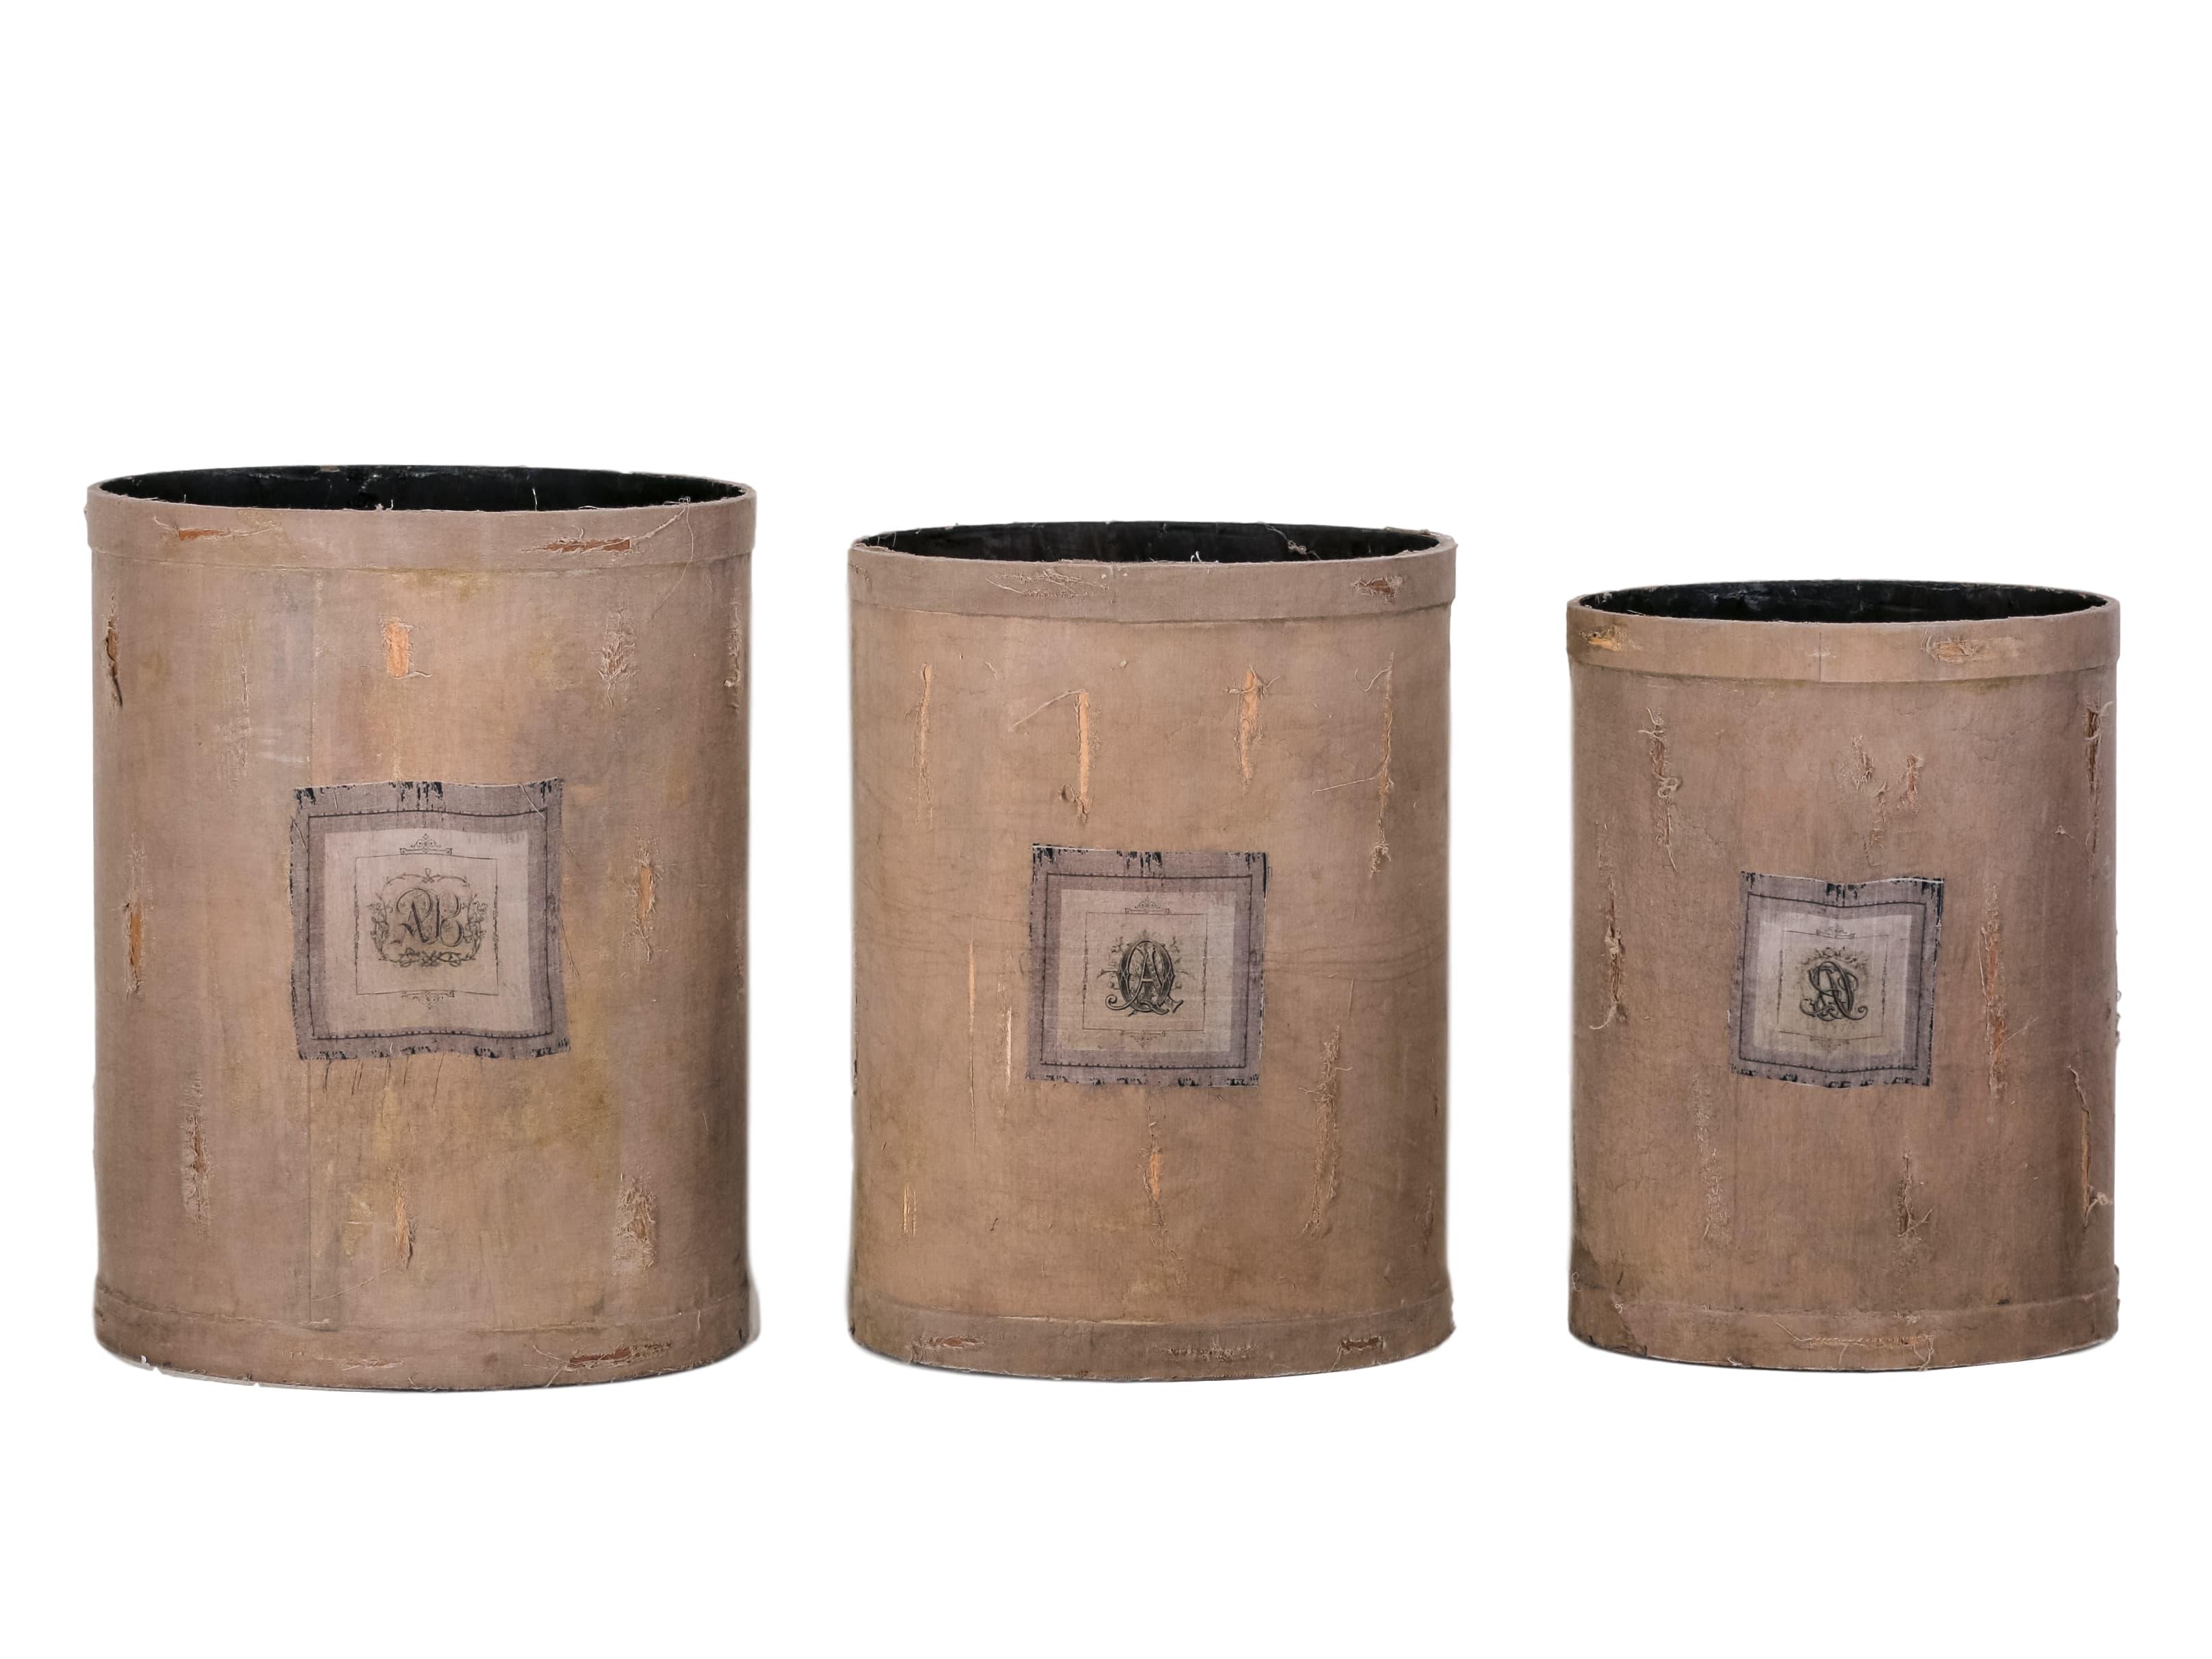 Ваза (3шт)Вазы<br>Комплект из трех ваз разного размера, декорированных состаренной тканью с принтом.&amp;lt;div&amp;gt;&amp;lt;br&amp;gt;&amp;lt;/div&amp;gt;&amp;lt;div&amp;gt;Размеры:&amp;amp;nbsp;&amp;lt;/div&amp;gt;&amp;lt;div&amp;gt;1)34x32x28 см&amp;amp;nbsp;&amp;lt;/div&amp;gt;&amp;lt;div&amp;gt;2)44x41x38 см&amp;lt;/div&amp;gt;&amp;lt;div&amp;gt;3)25,4x23x20 см&amp;lt;br&amp;gt;&amp;lt;/div&amp;gt;<br><br>Material: Текстиль